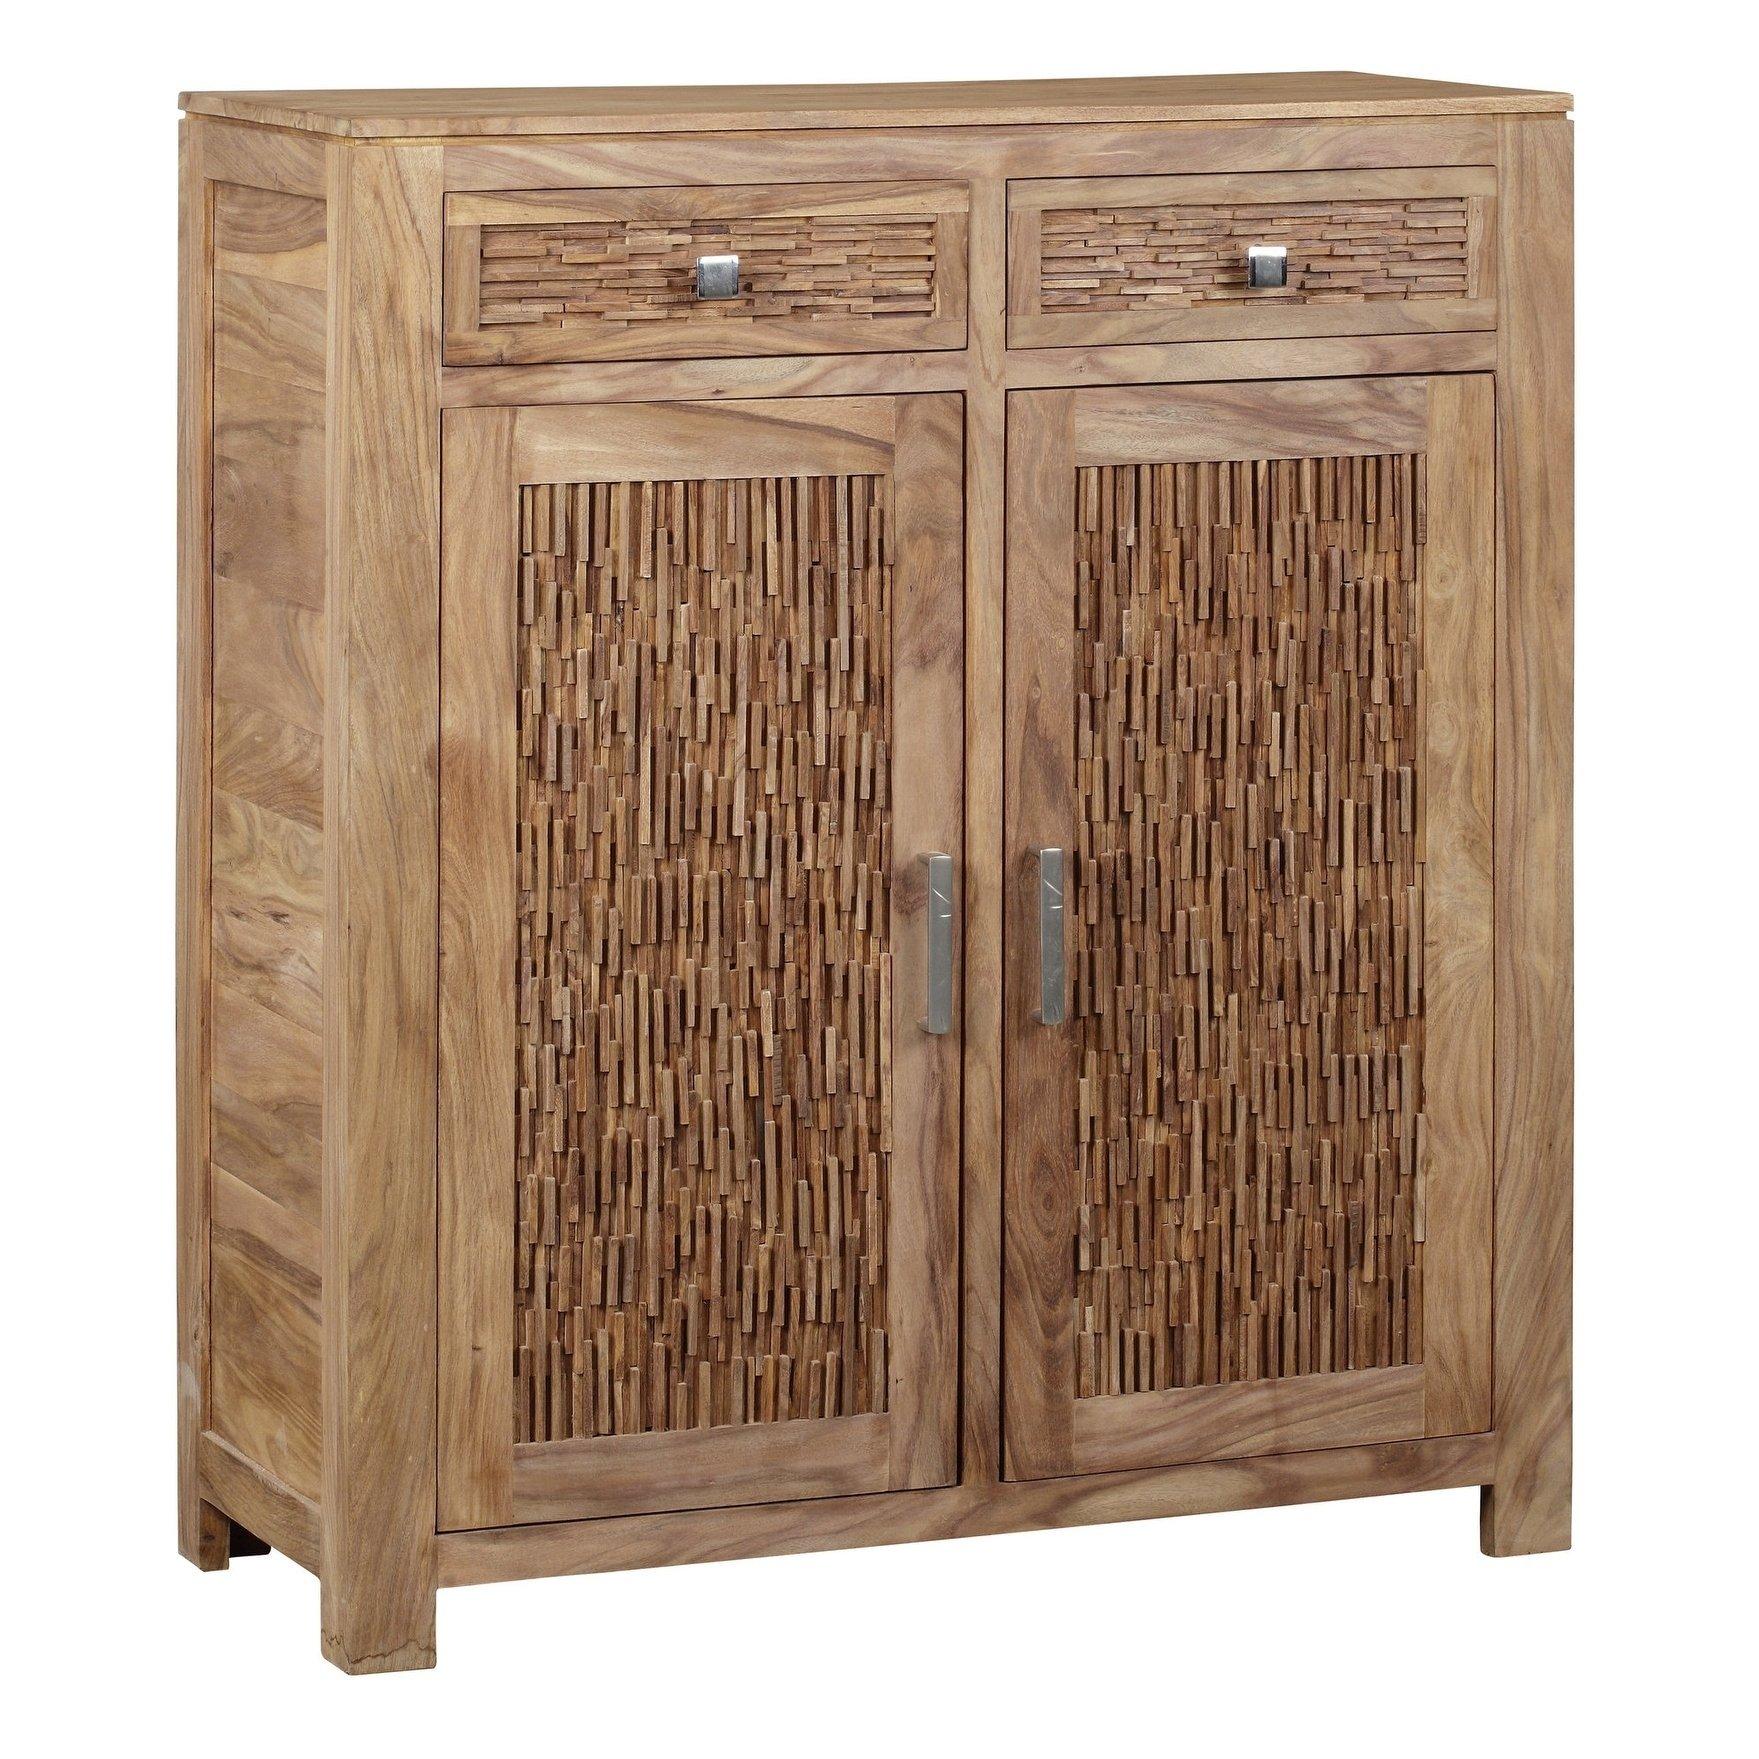 Bengal Manor Mango Wood 2 Drawer 2 Door Cabinet Brown Wood Cabinets Mango Wood Accent Cabinet